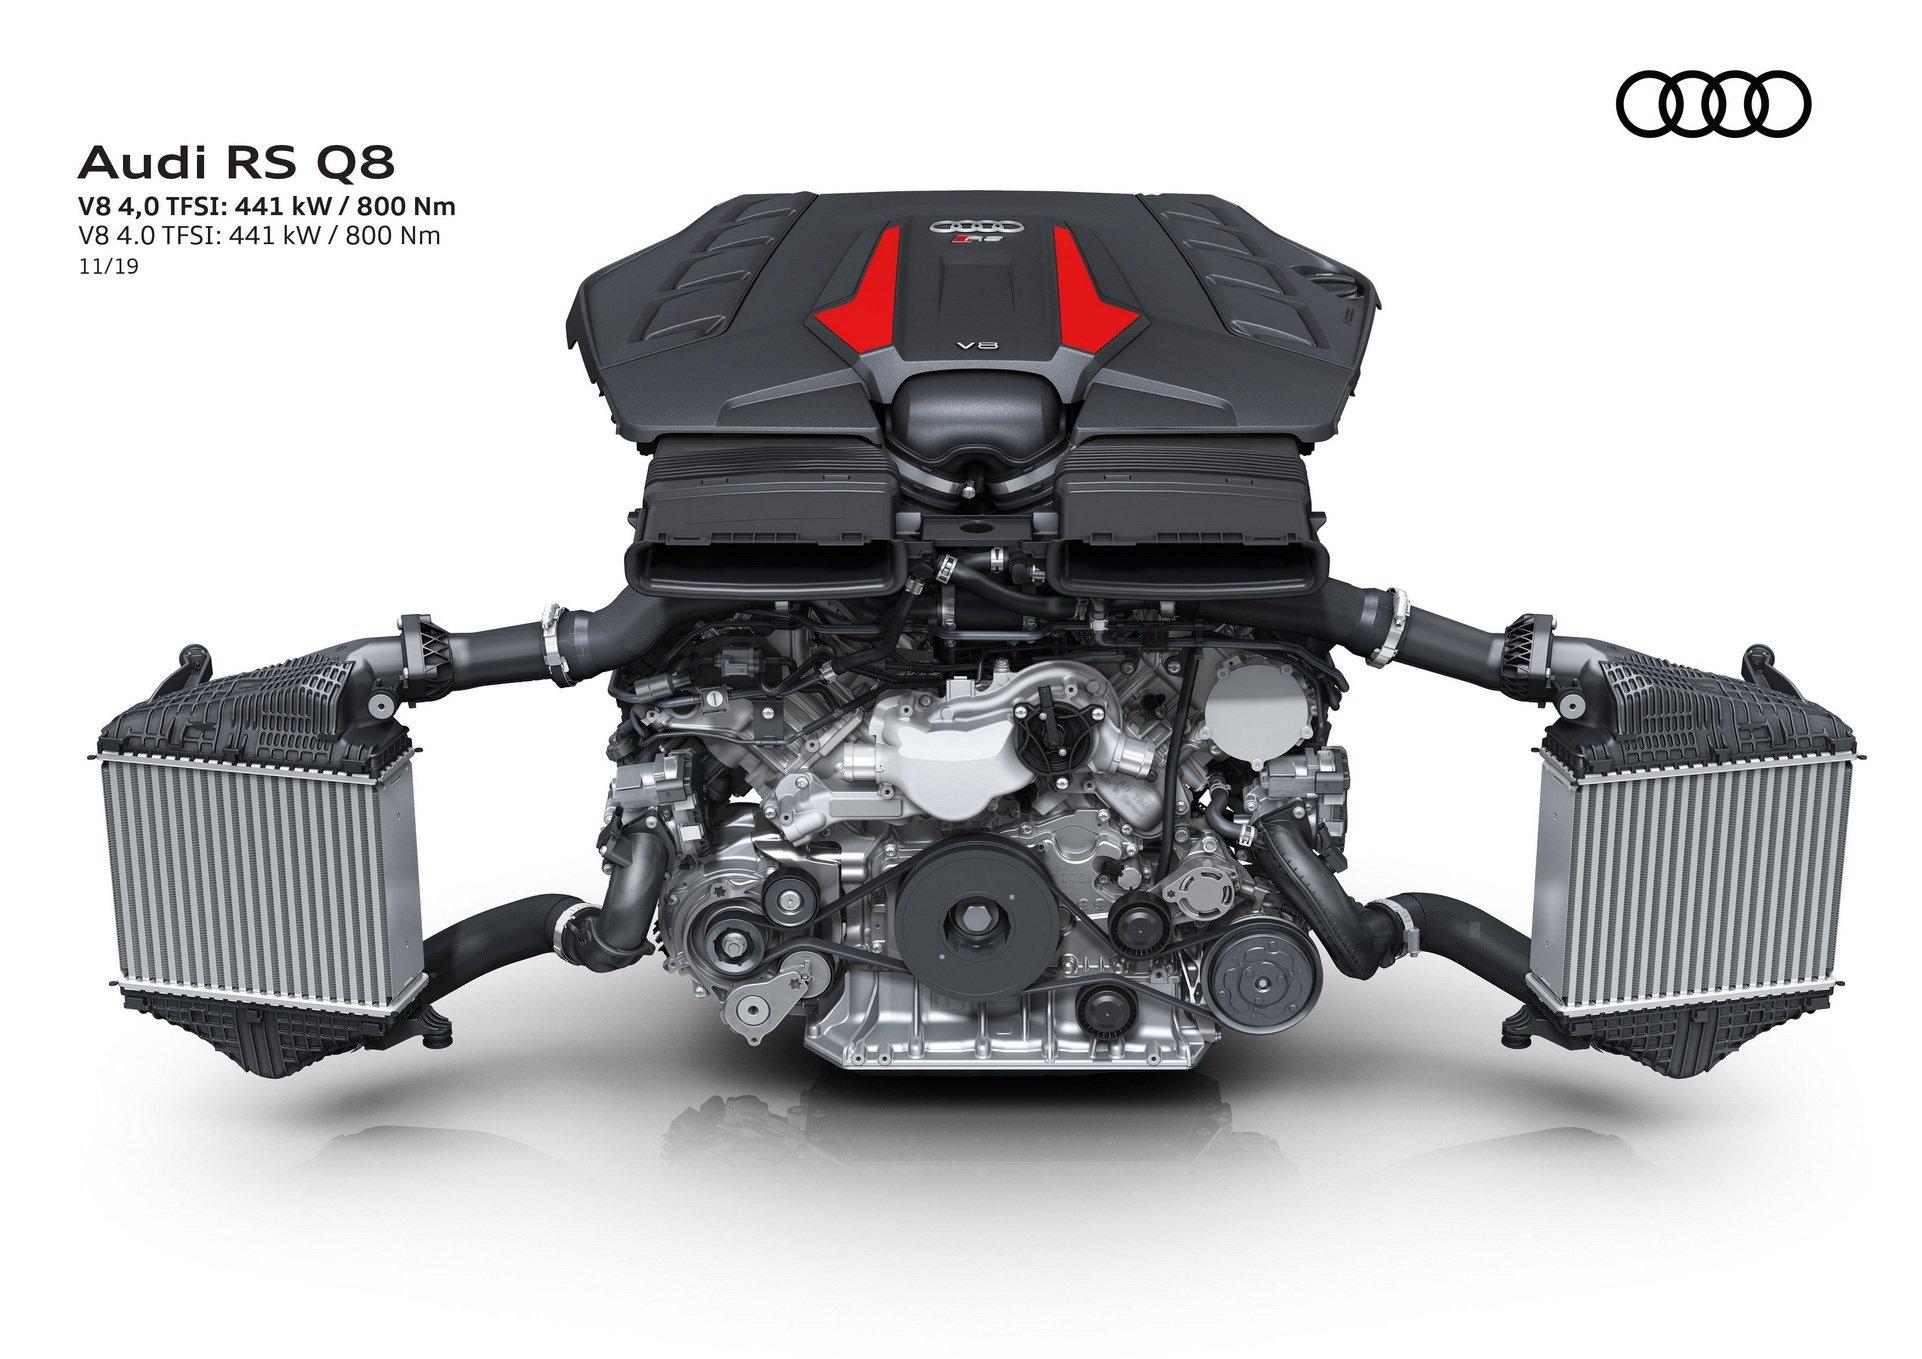 Audi-RS-Q8-79